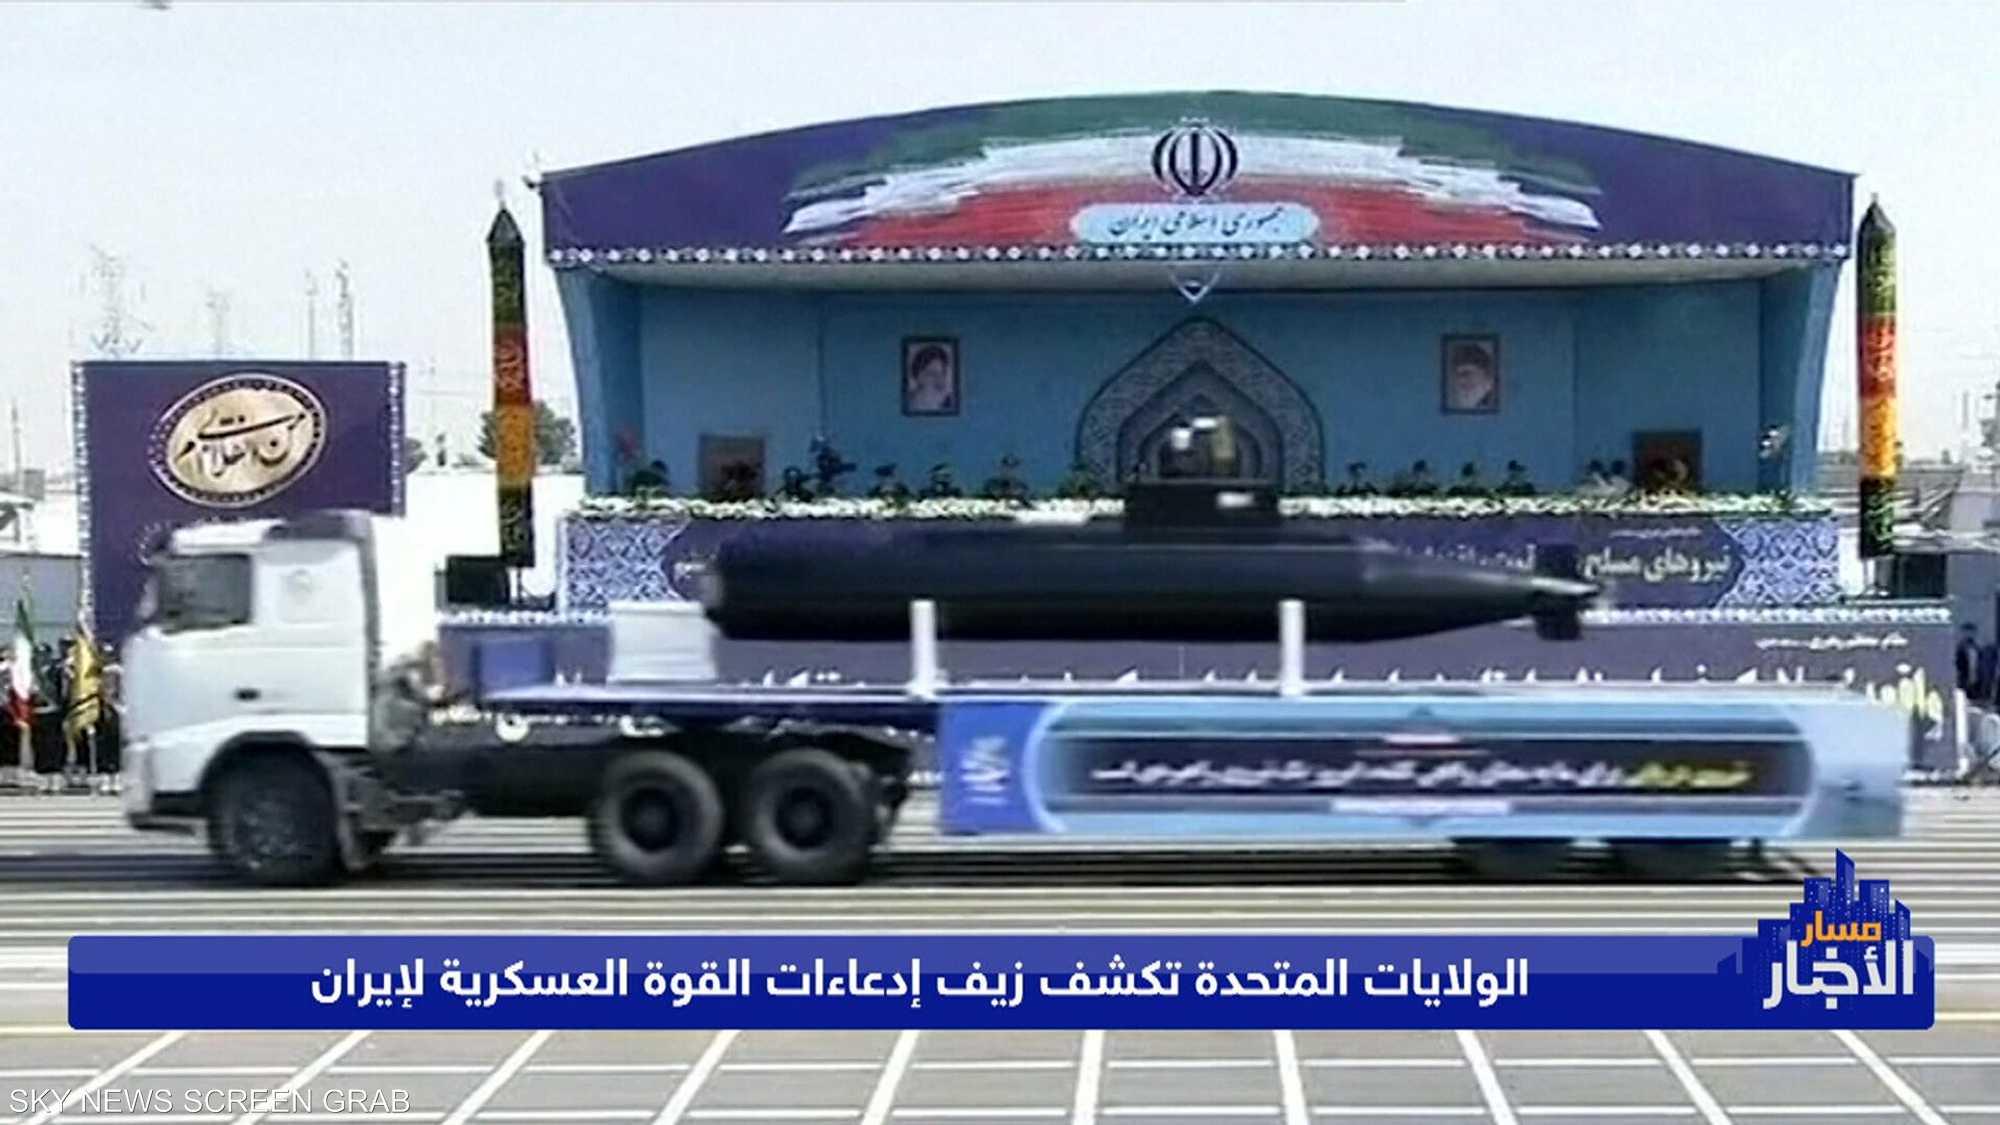 واشنطن تكشف زيف إدعاءات القوة العسكرية لإيران